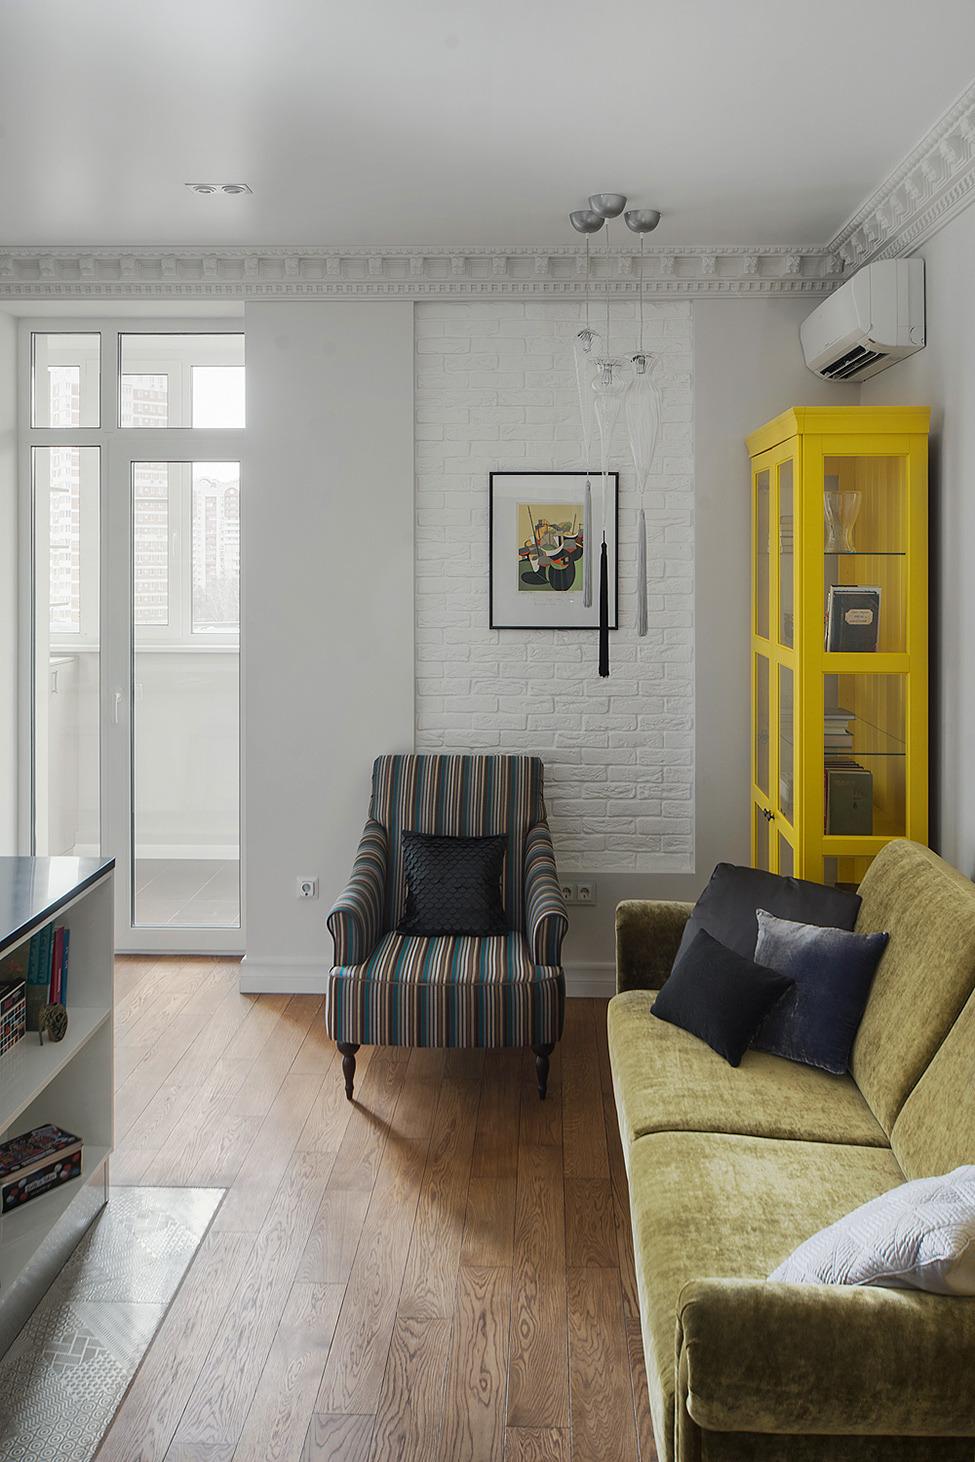 Яркий желтый шкаф в гостиной